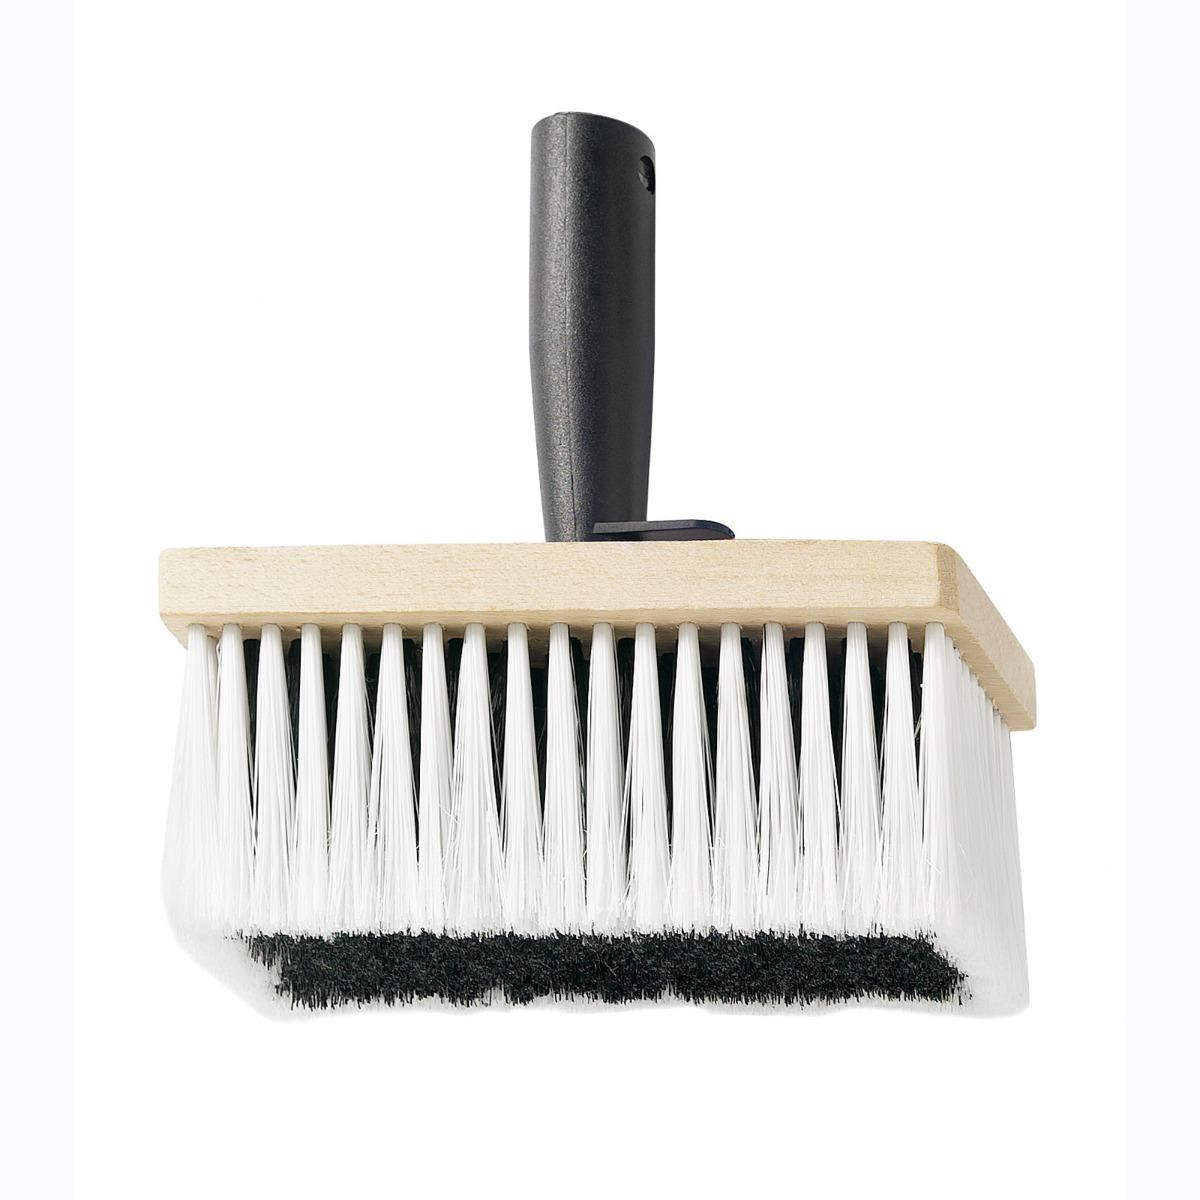 Pasting Brush